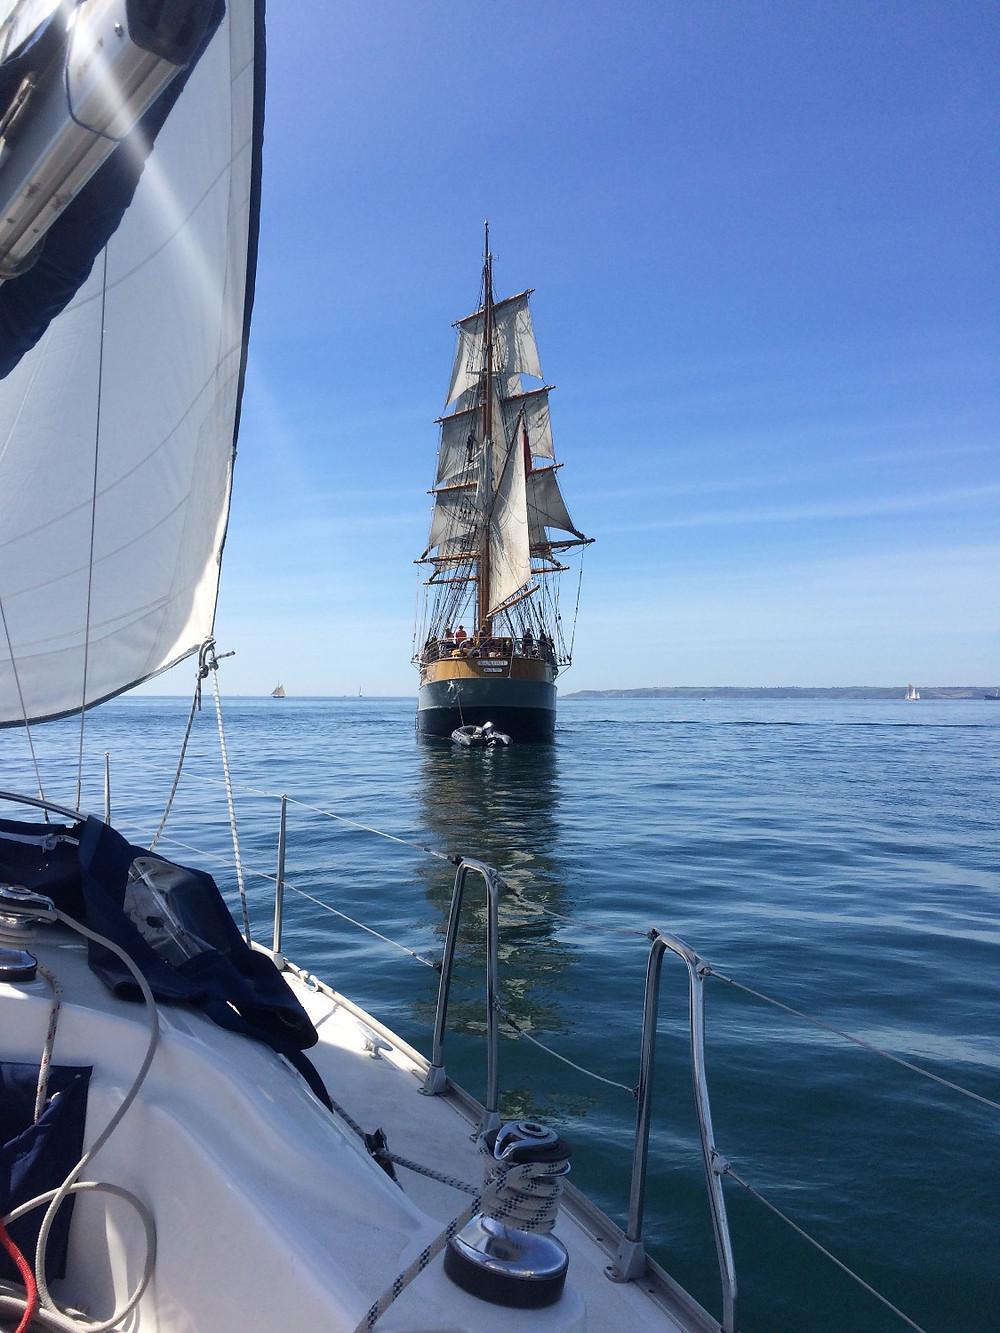 Kascalot off Falmouth